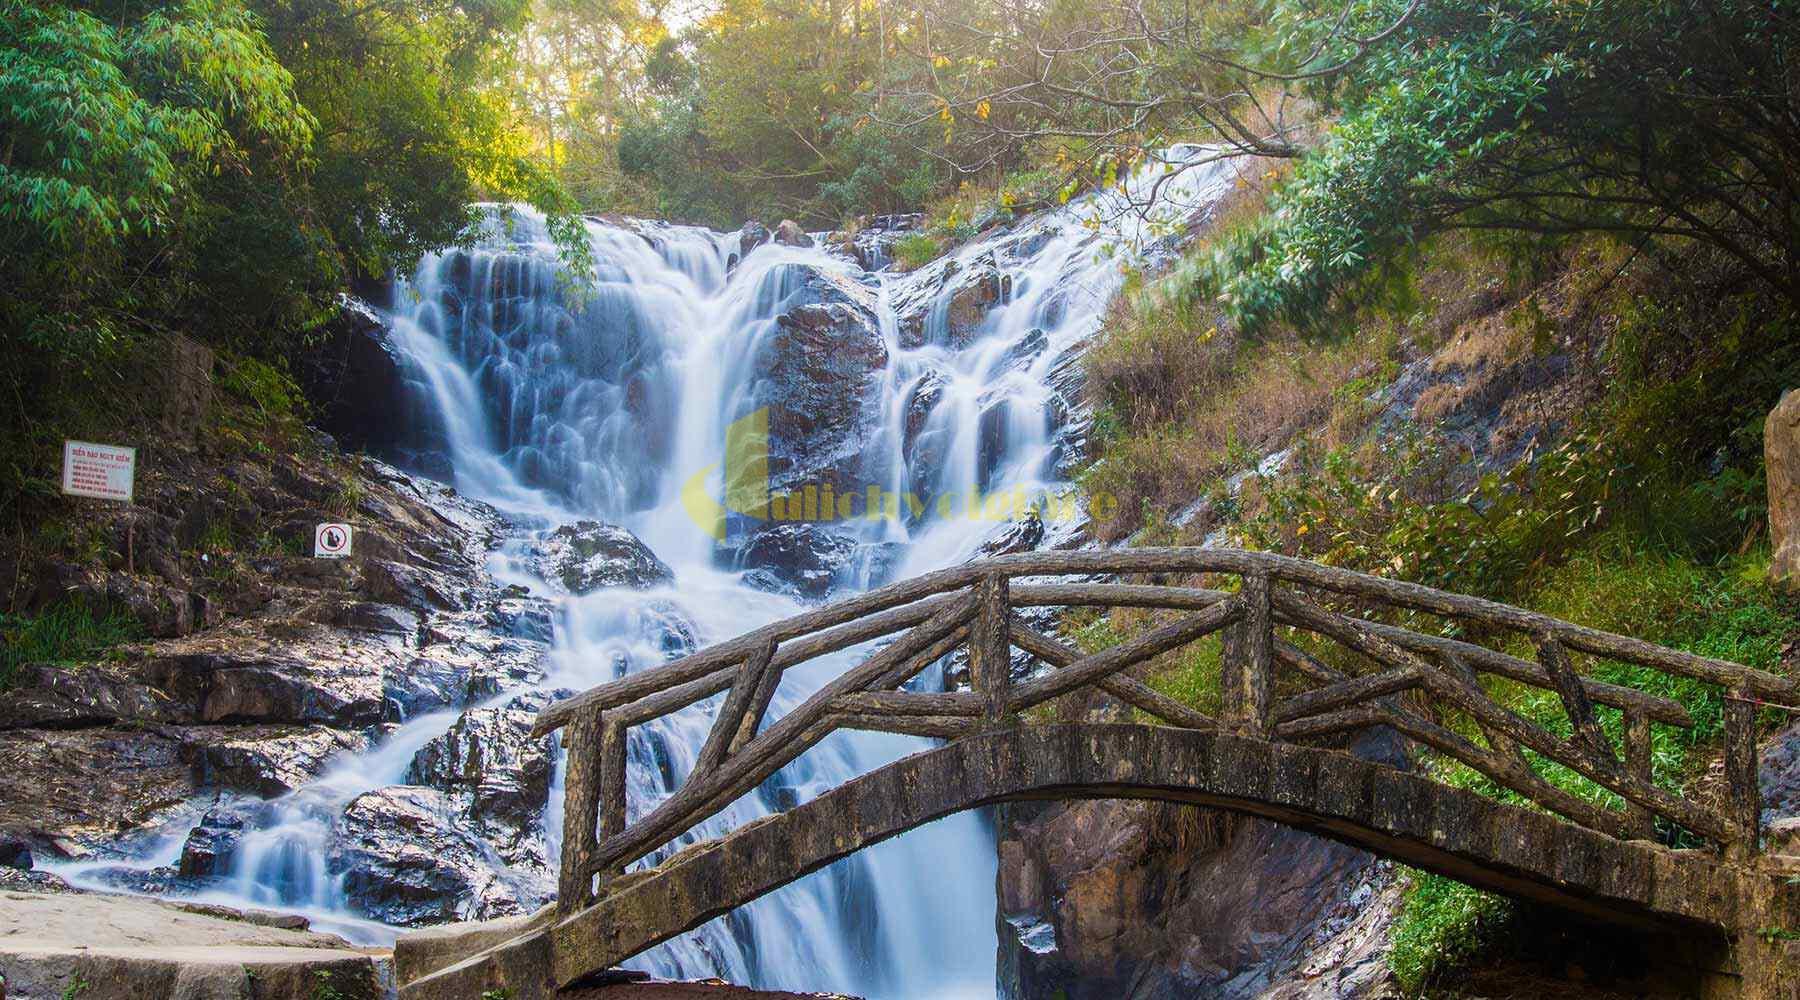 1-5 Thác Datanla - 1 vẻ đẹp thiên nhiên tiềm ẩn